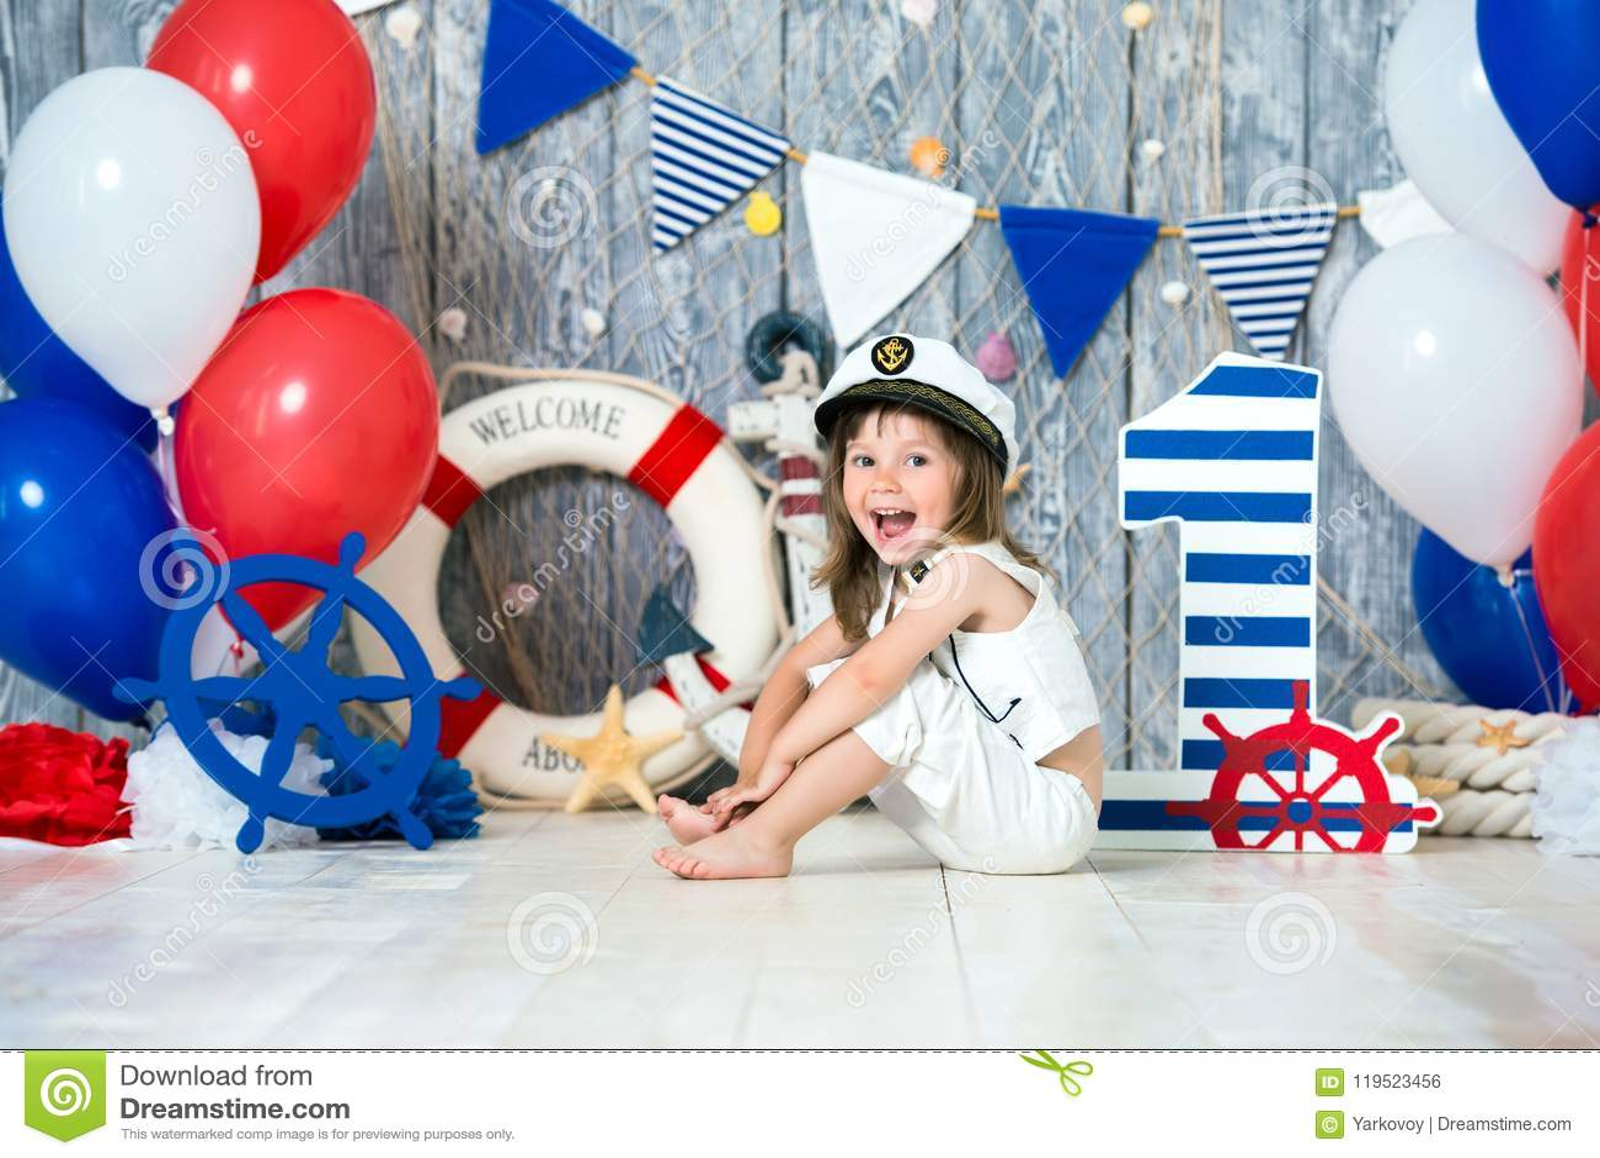 De kleine kapitein zit op de vloer in een mariene stijl Wij merken het eerste jaar